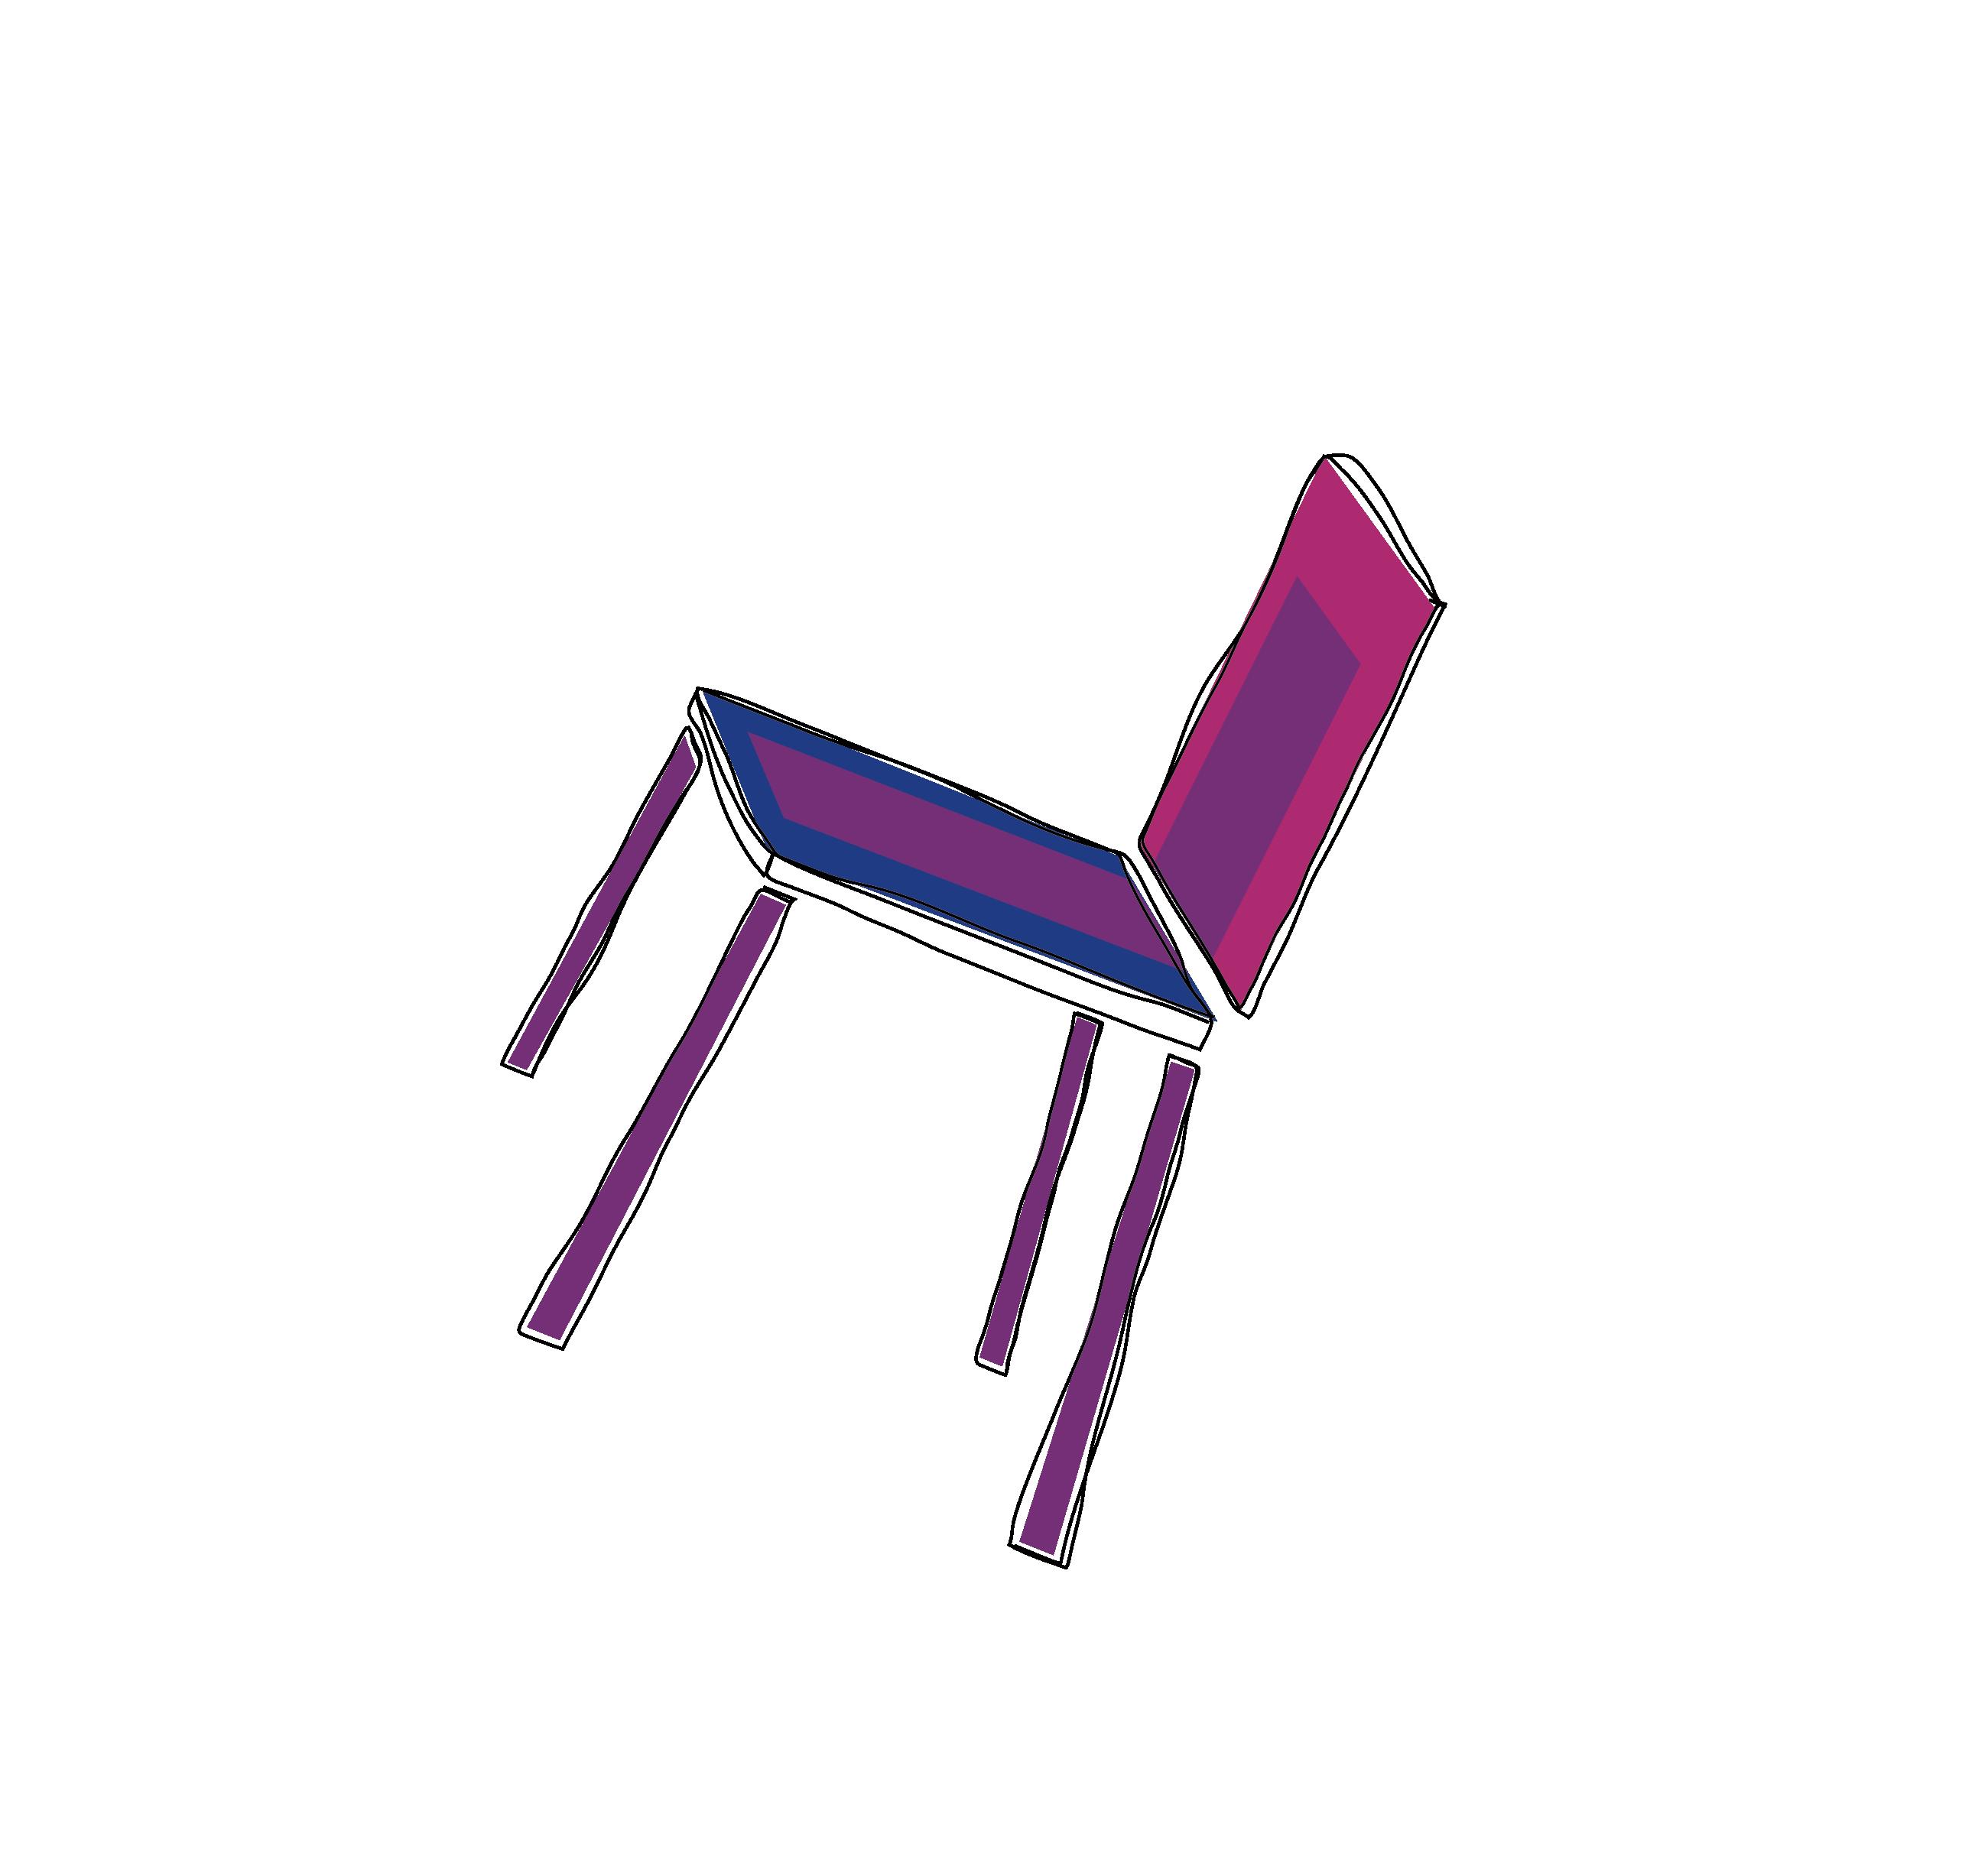 symbolen_räumen-34